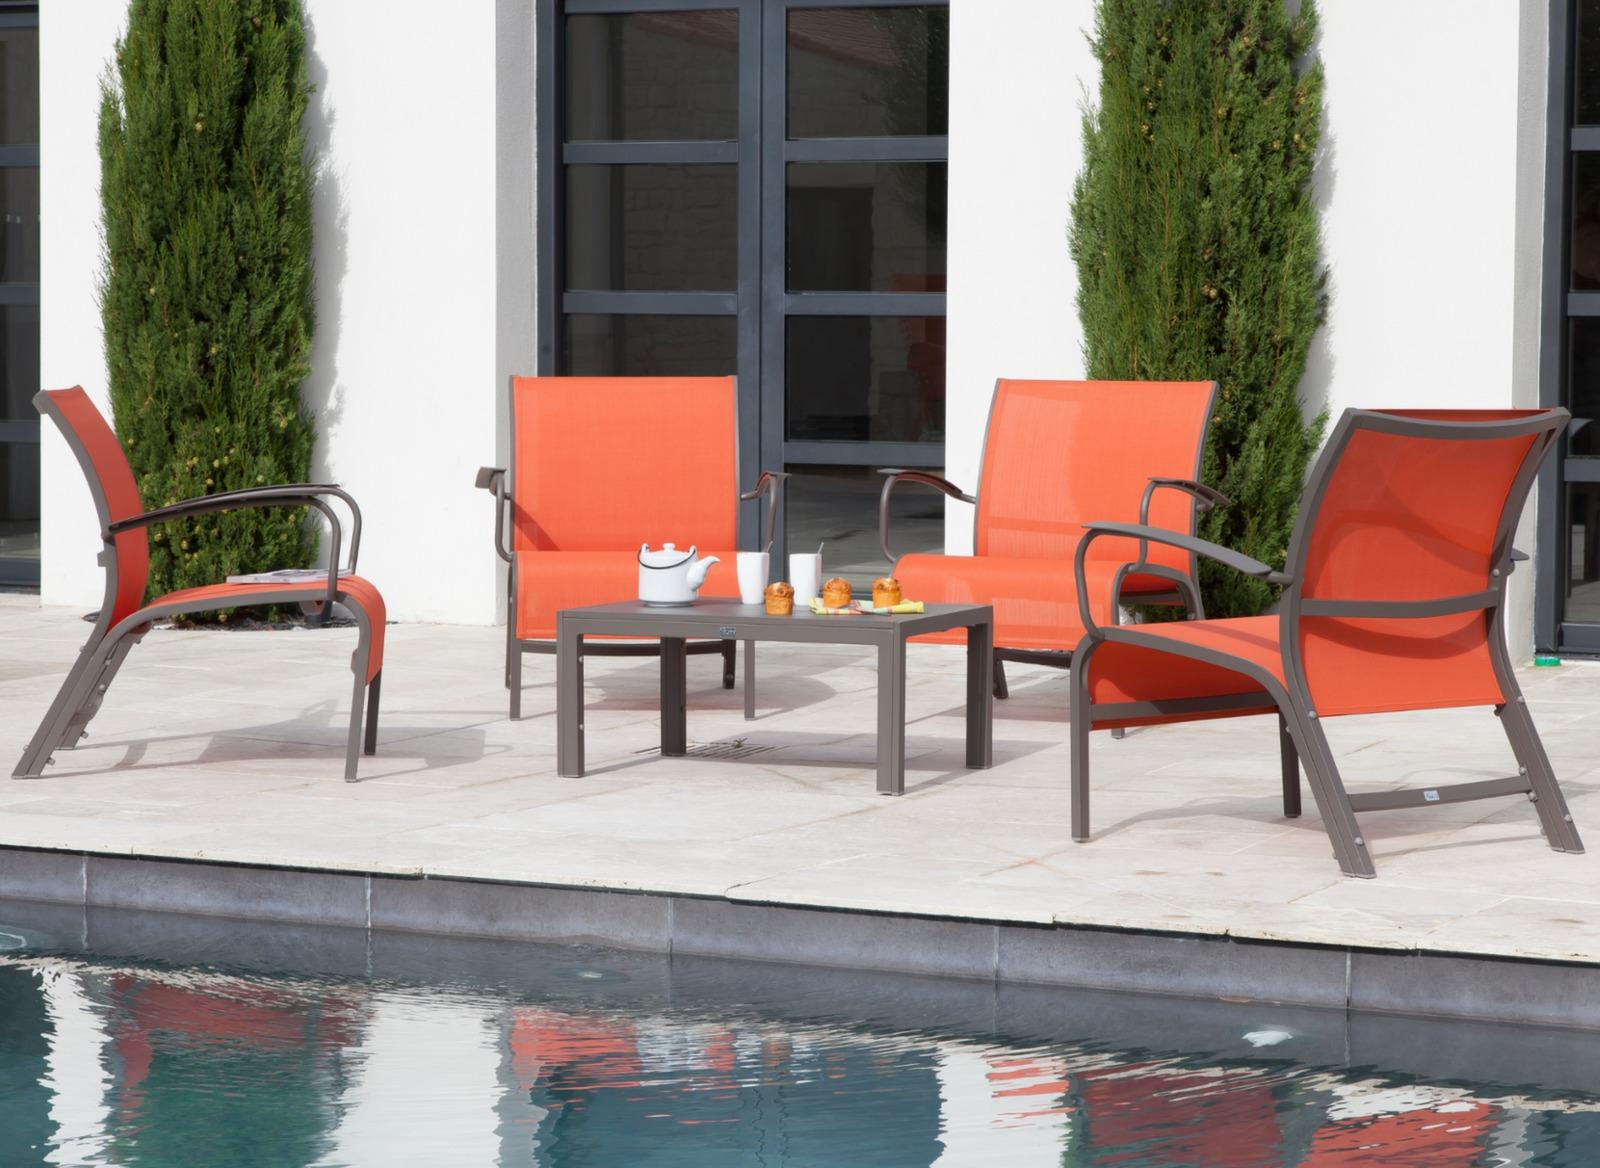 salon de jardin lounge linea mobilier salon de jardin. Black Bedroom Furniture Sets. Home Design Ideas